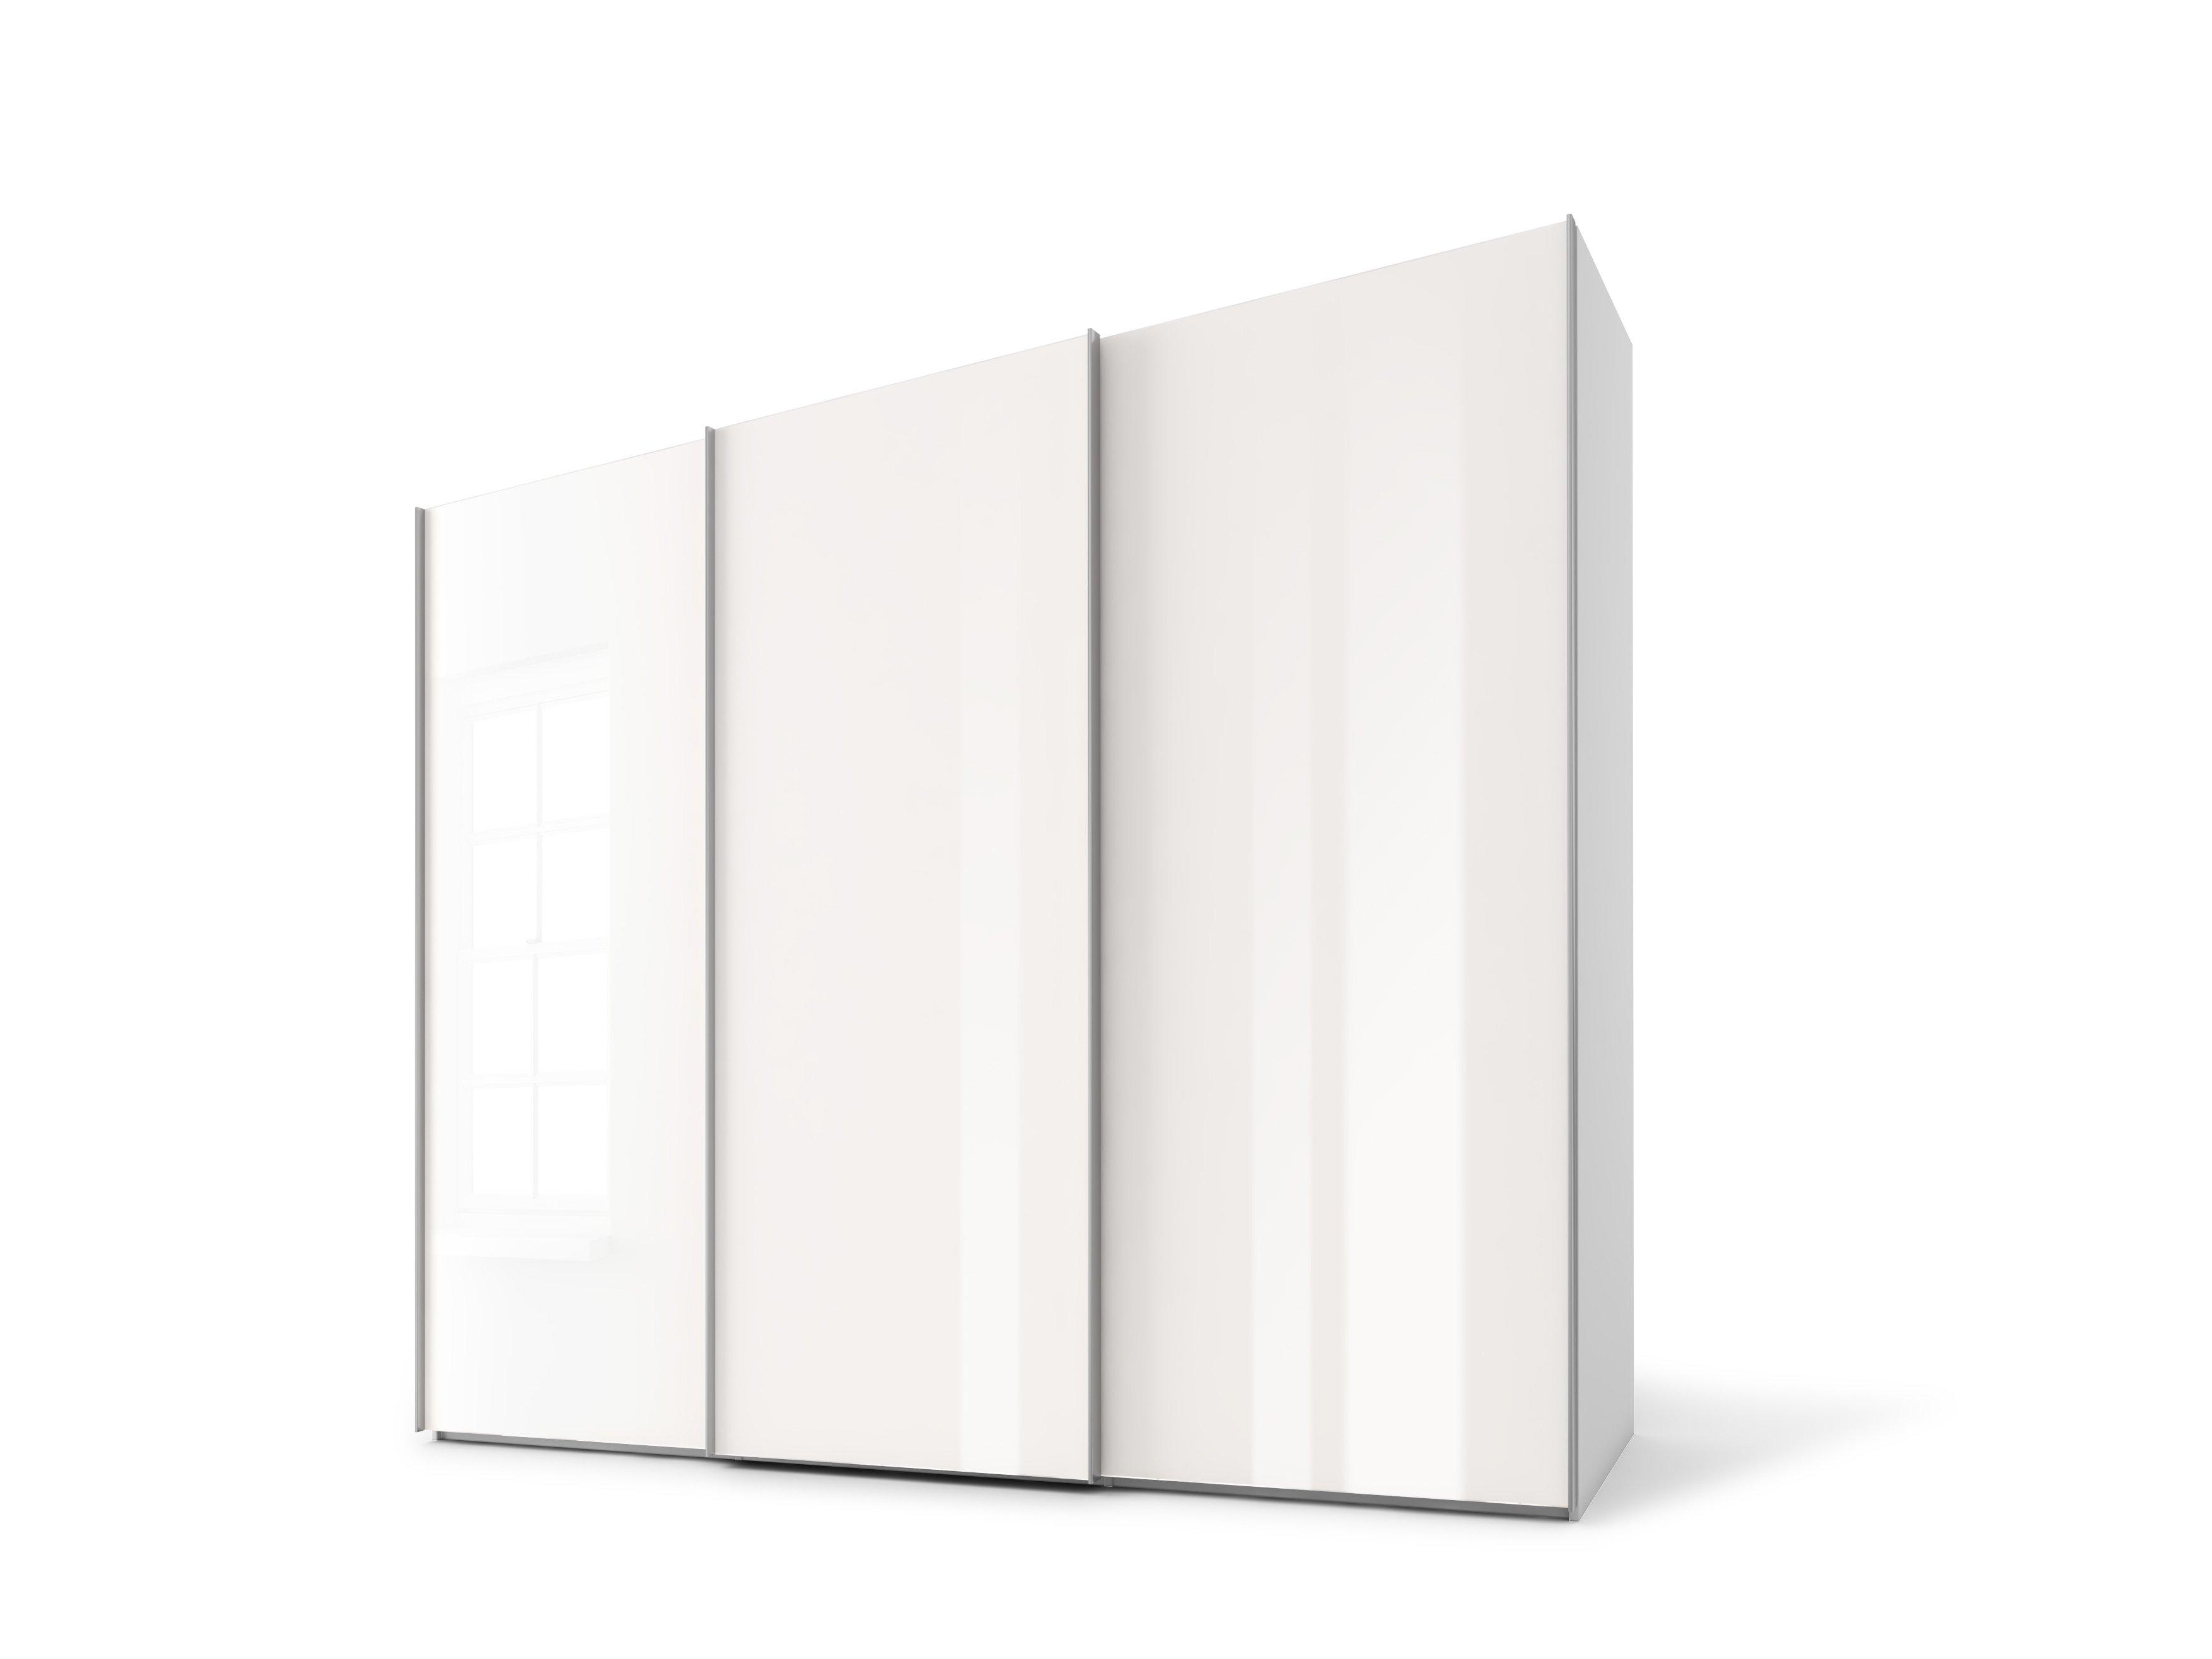 Schwebetürenschrank, Weißglas/Weißglas, Korpus  Seidengrau